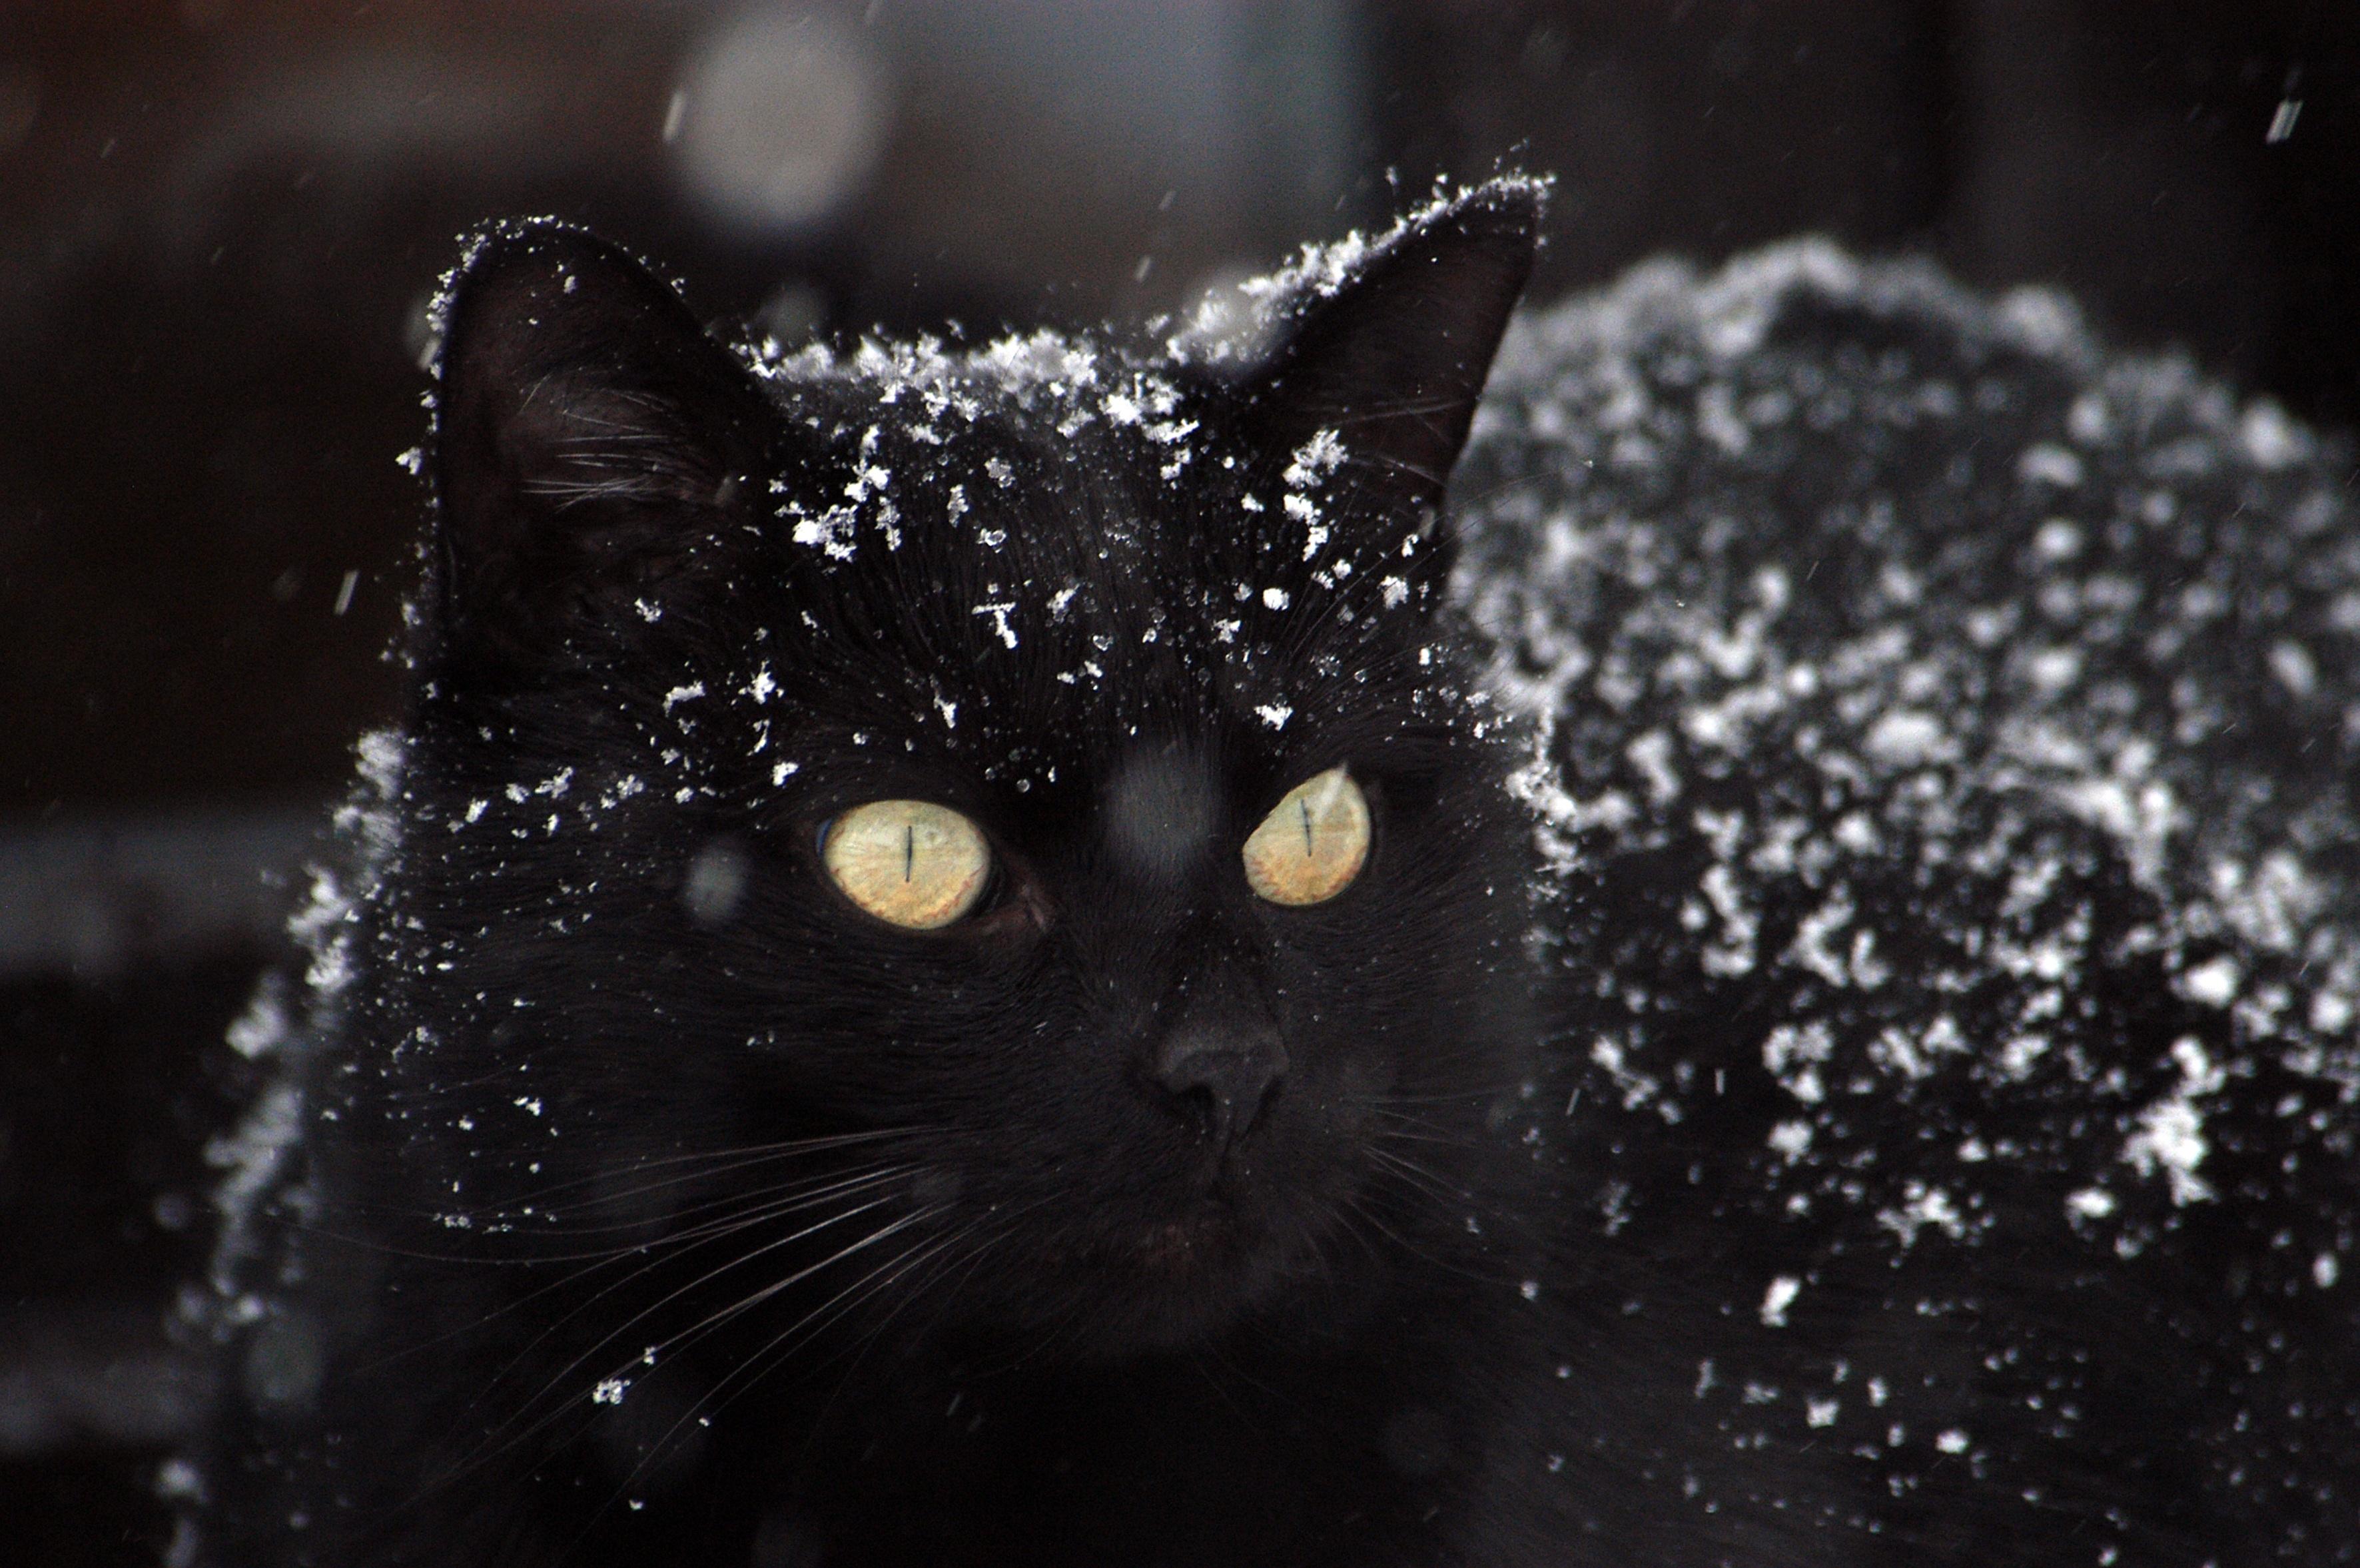 110976 скачать обои Животные, Кот, Зима, Снег, Черный - заставки и картинки бесплатно